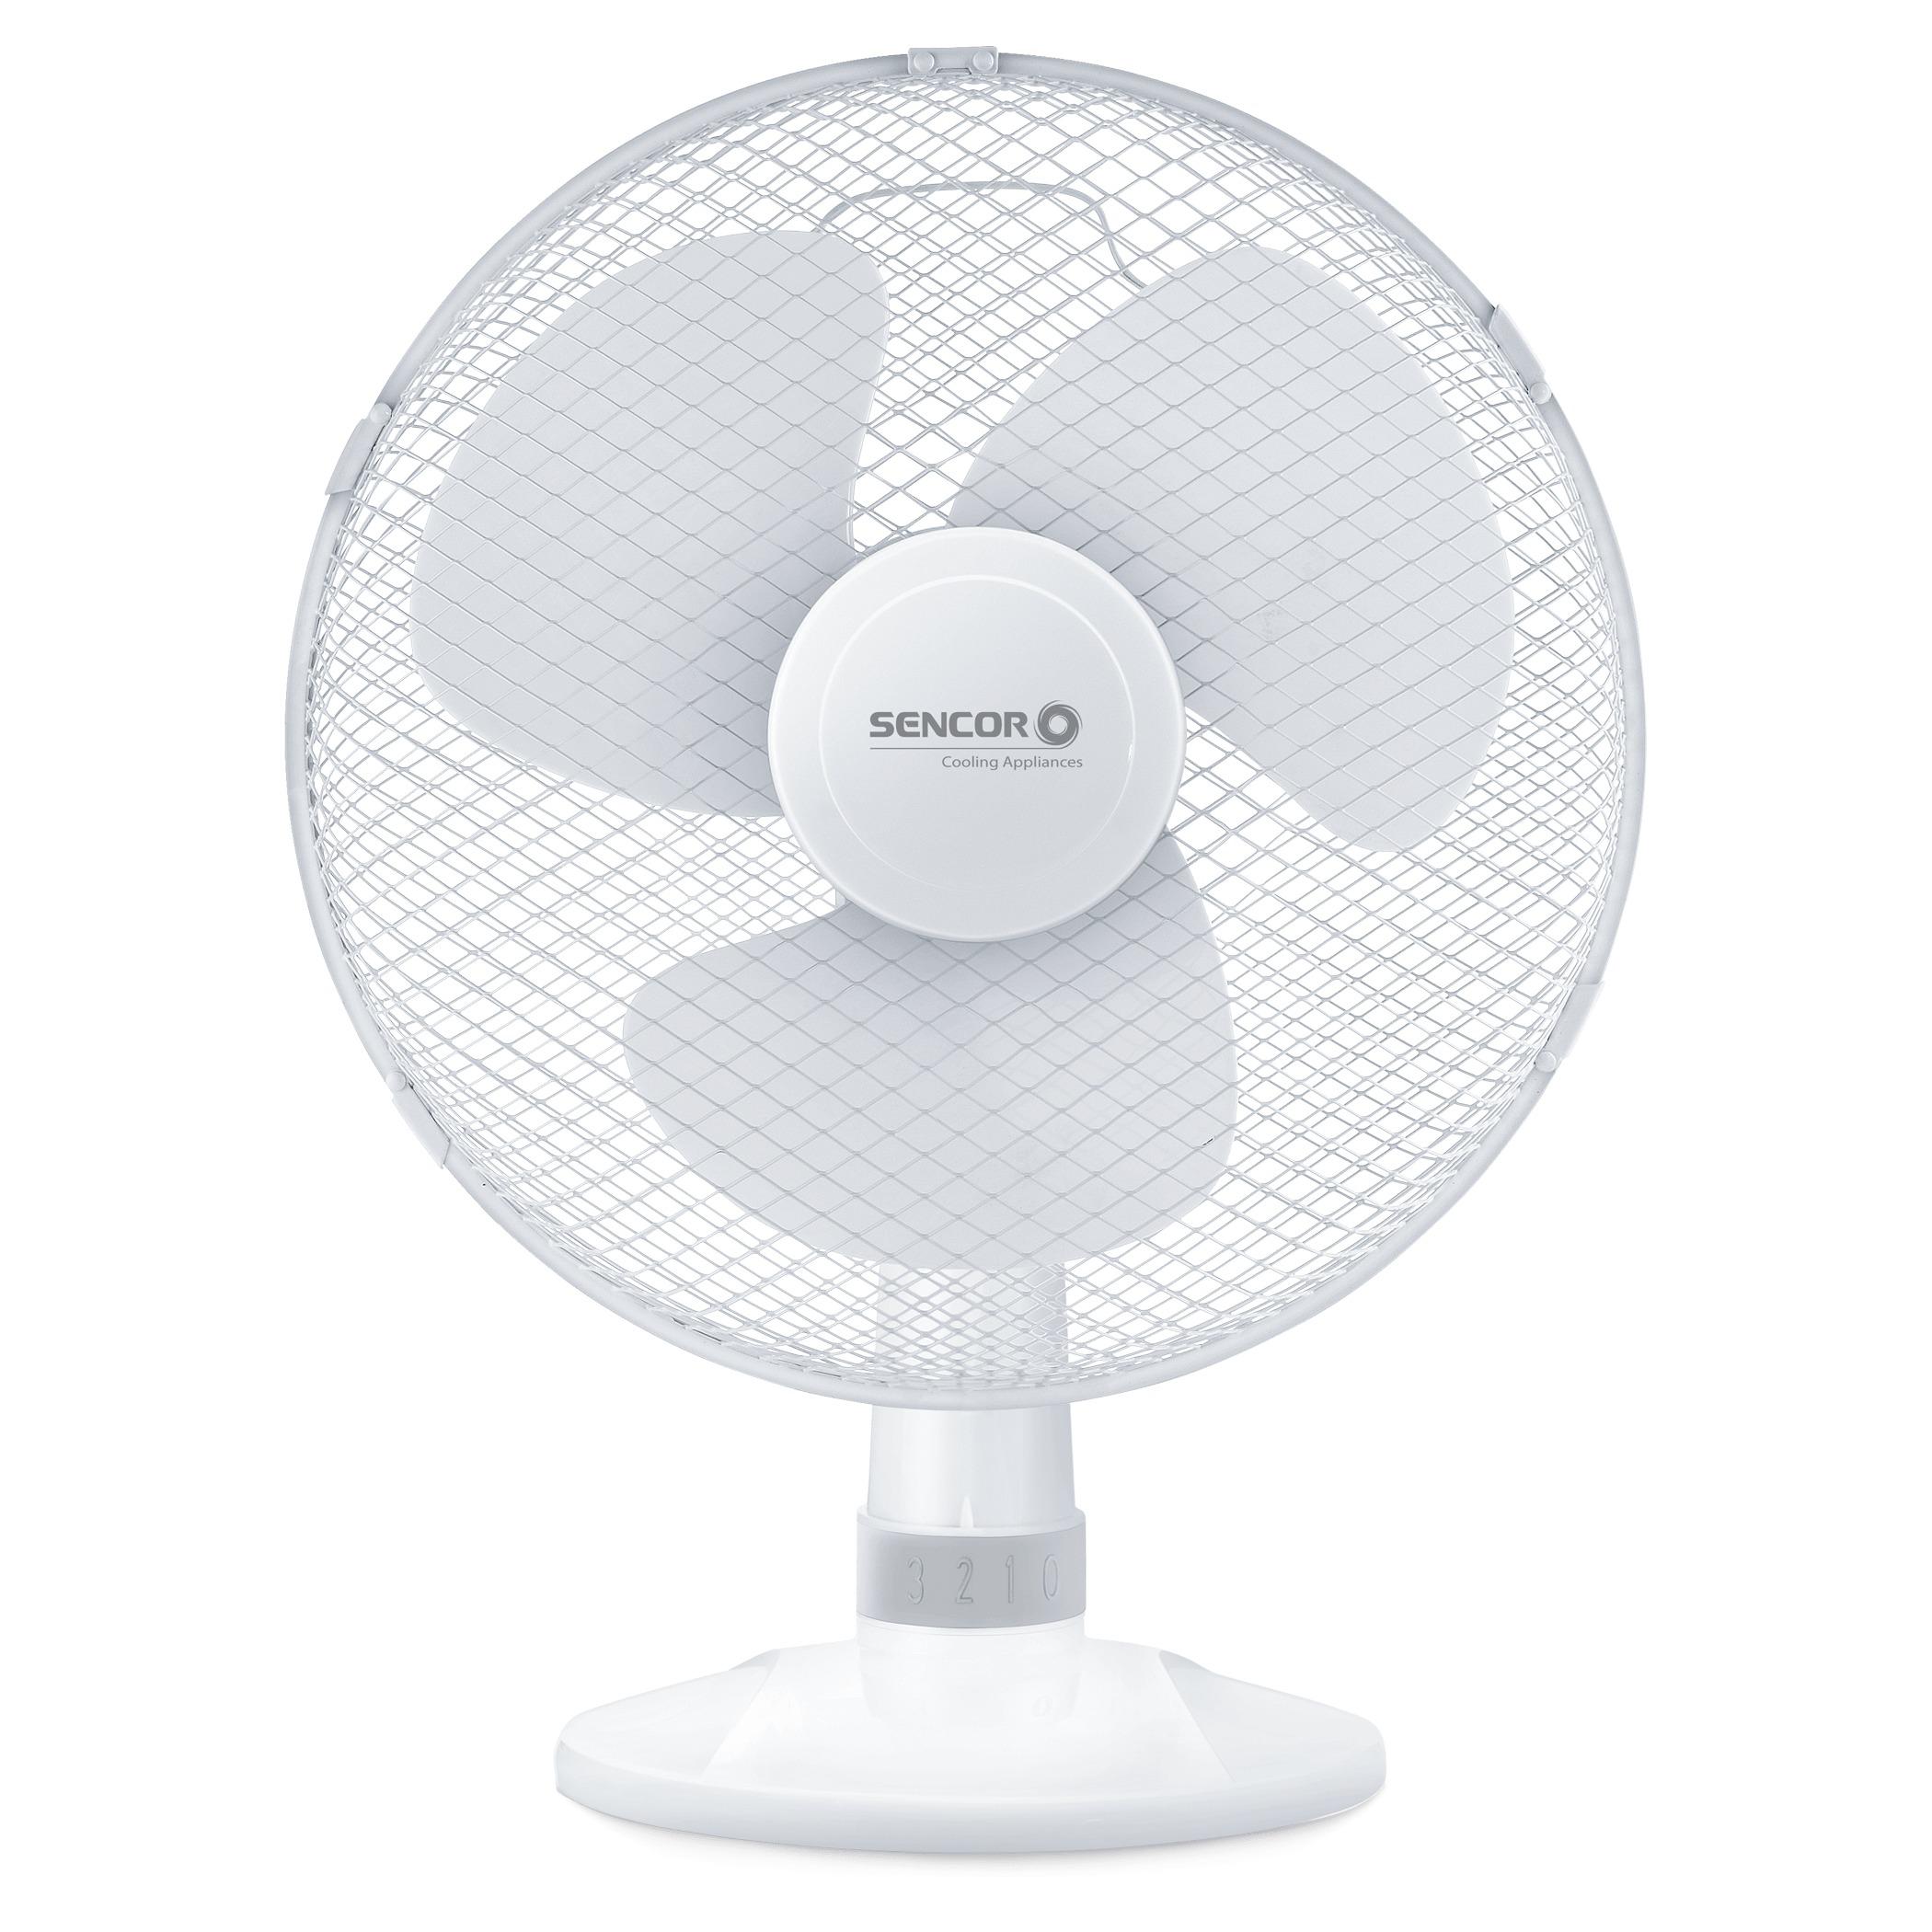 SENCOR - SFE 3027WH Klimata iekārta